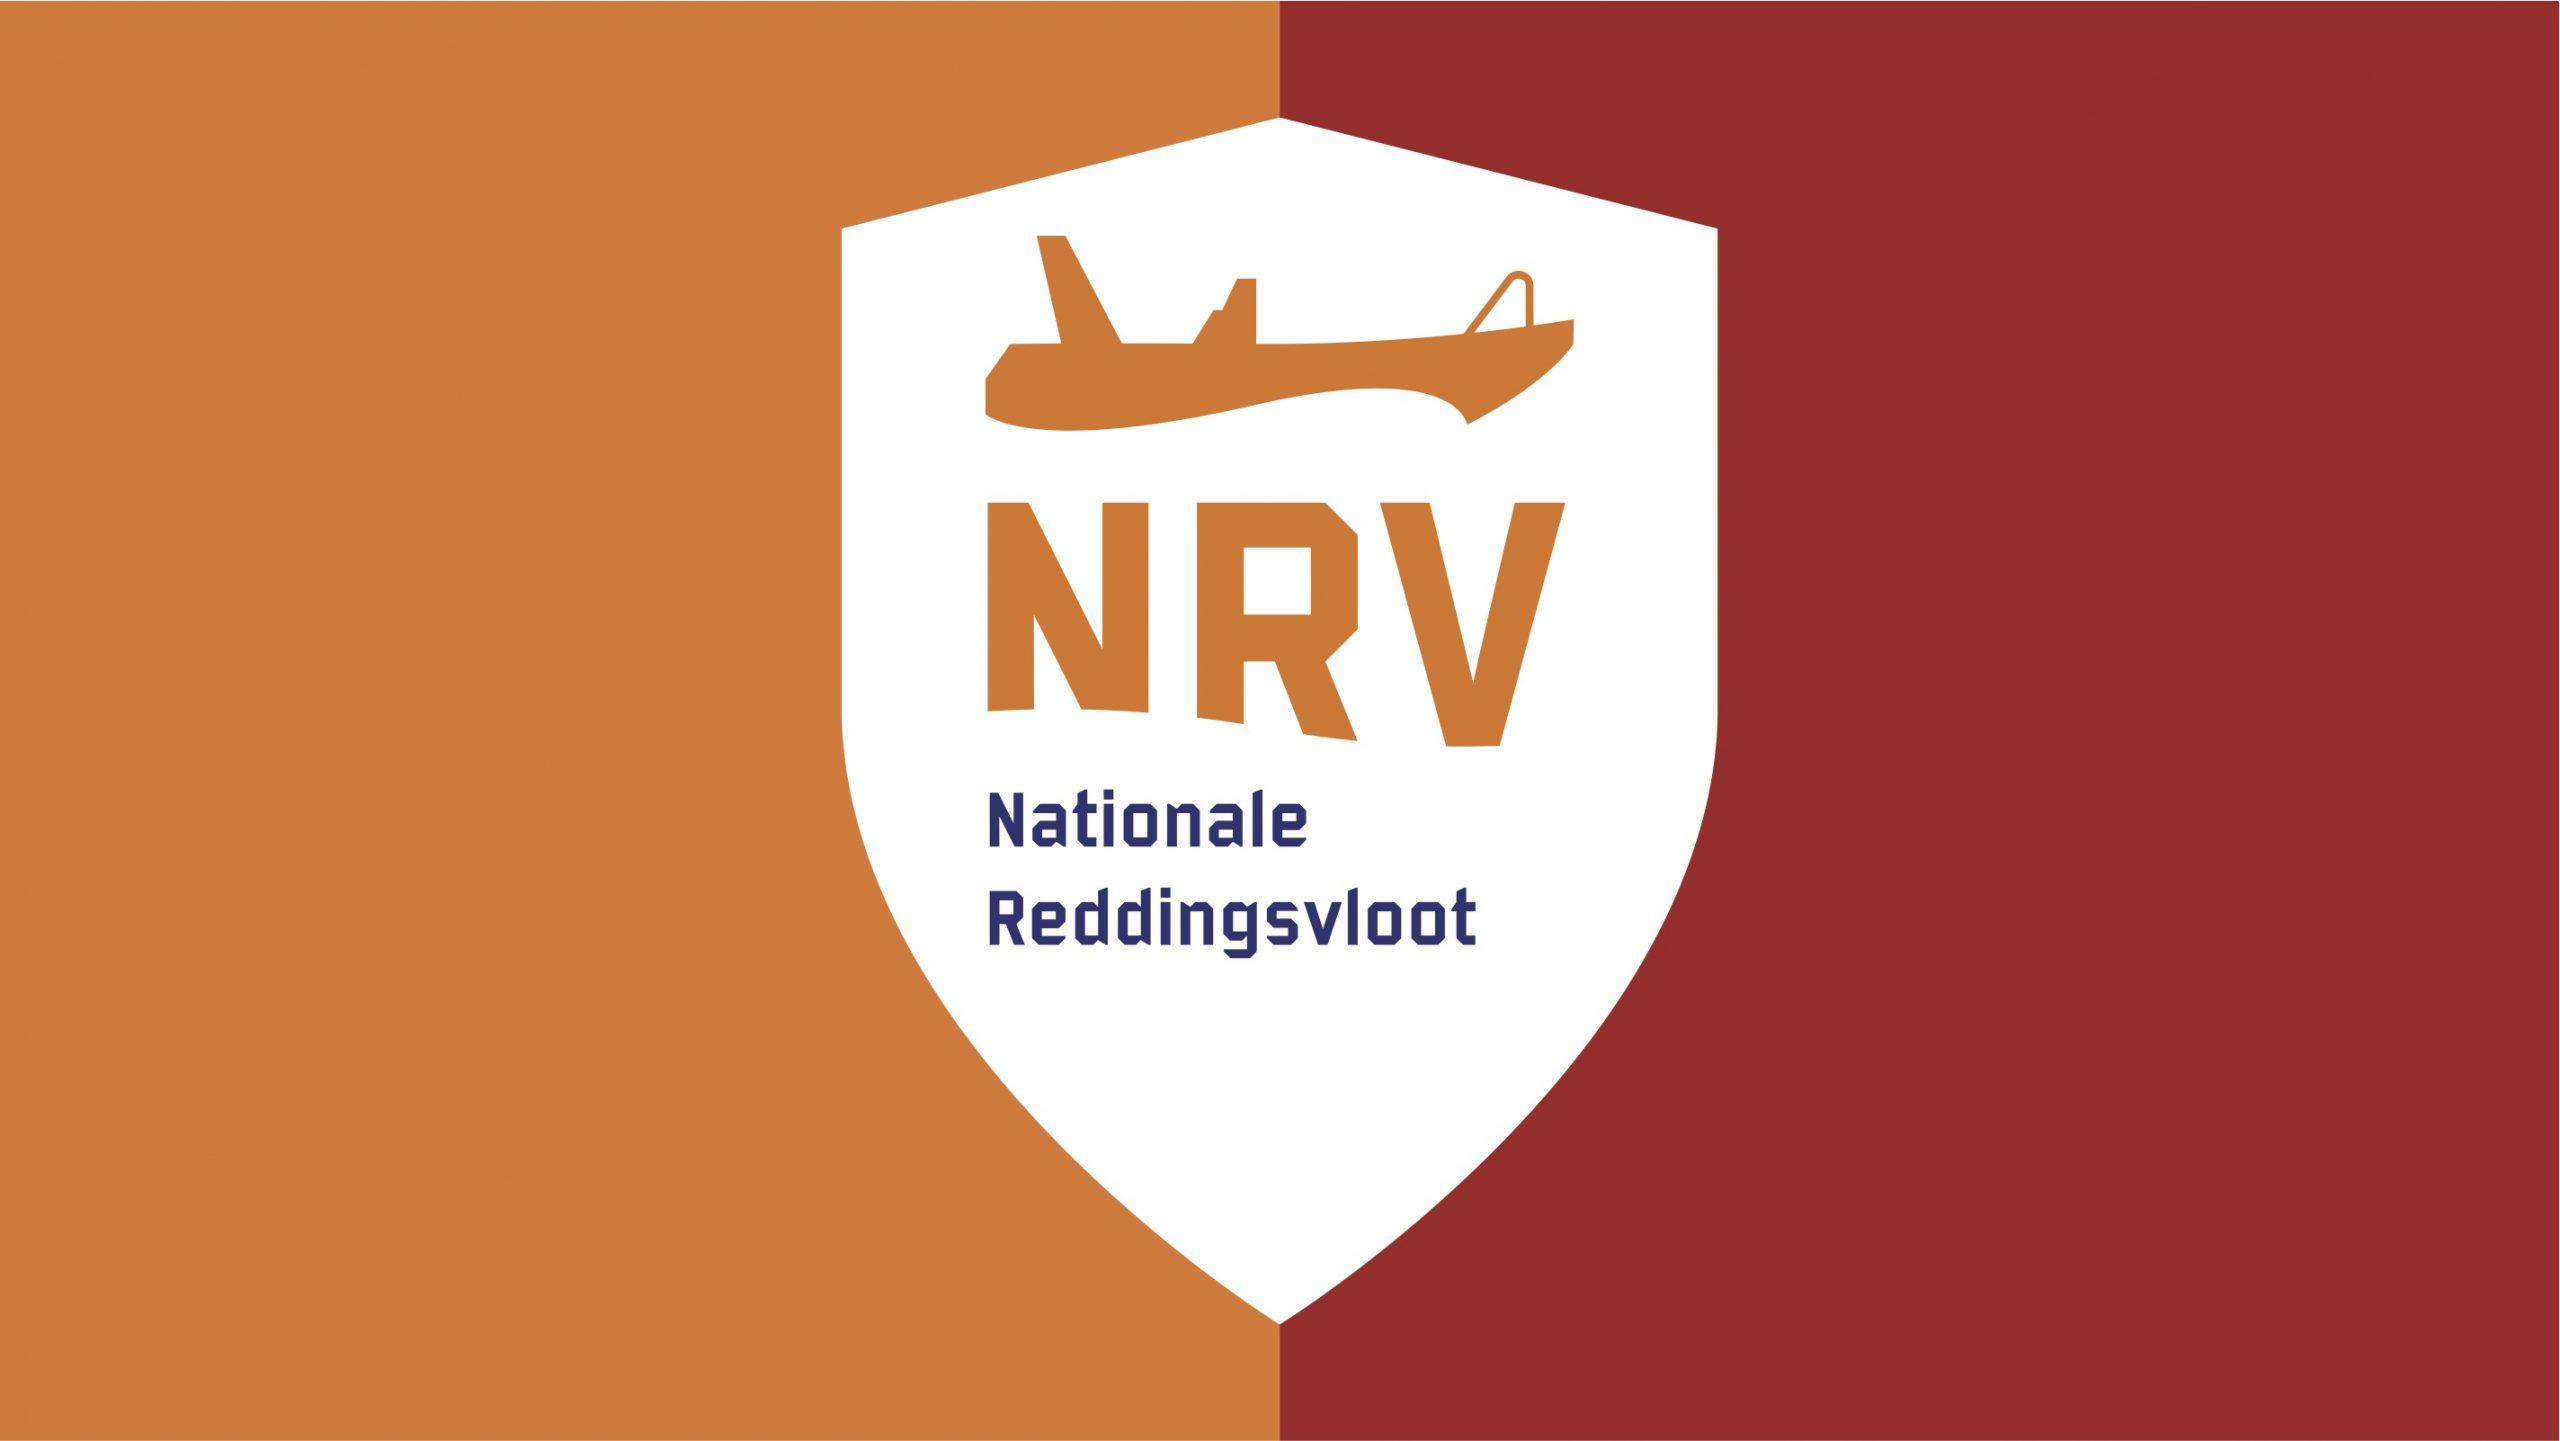 Nationale Reddingsvloot